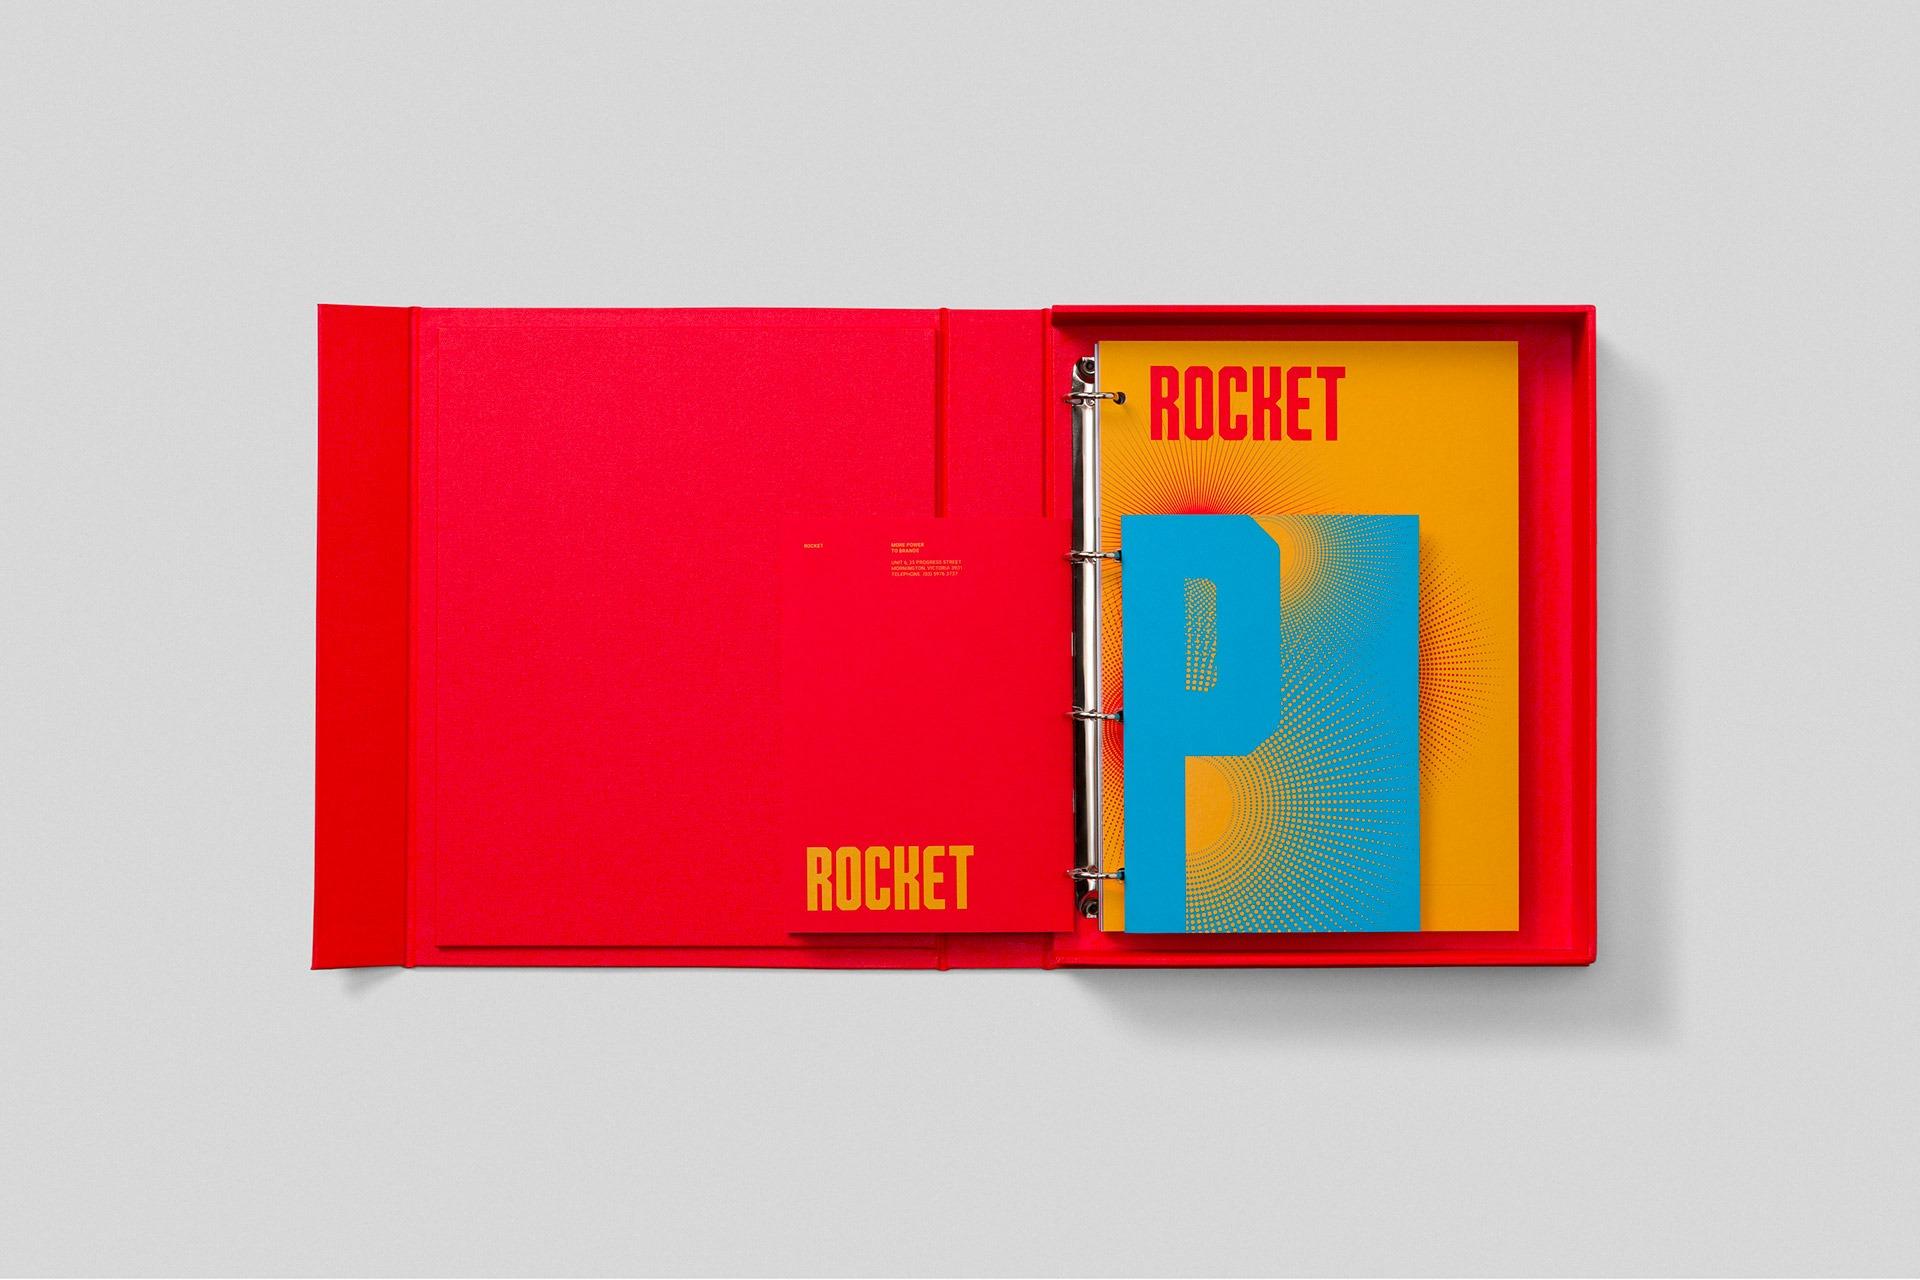 销售代理机构Rocket品牌形象w88手机官网平台首页